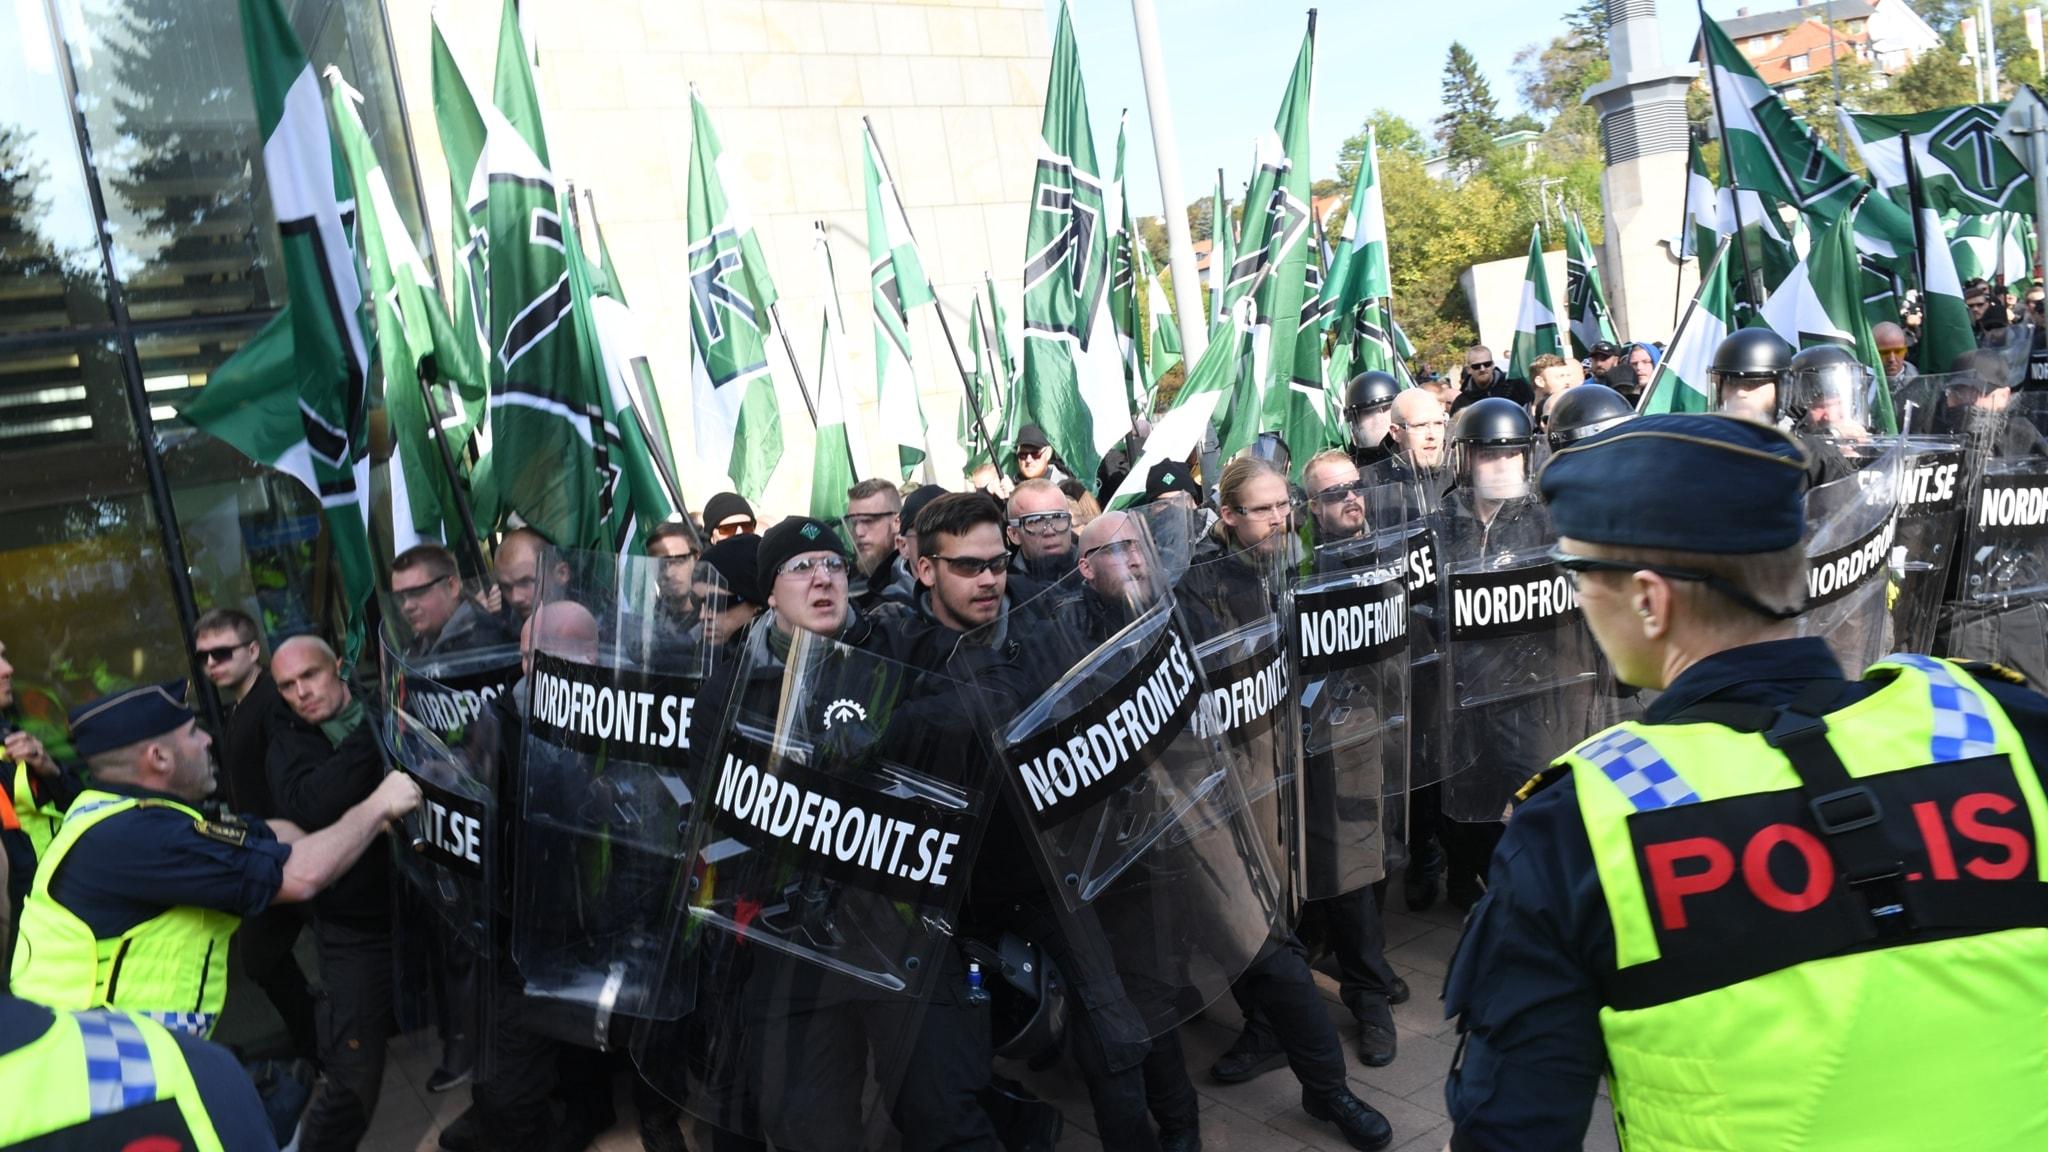 Propagandaliknande bilder och tveksam källa i nazistbevakning, SD bojkottar medier igen, färdigskrivna framtidstexter förutspår fel